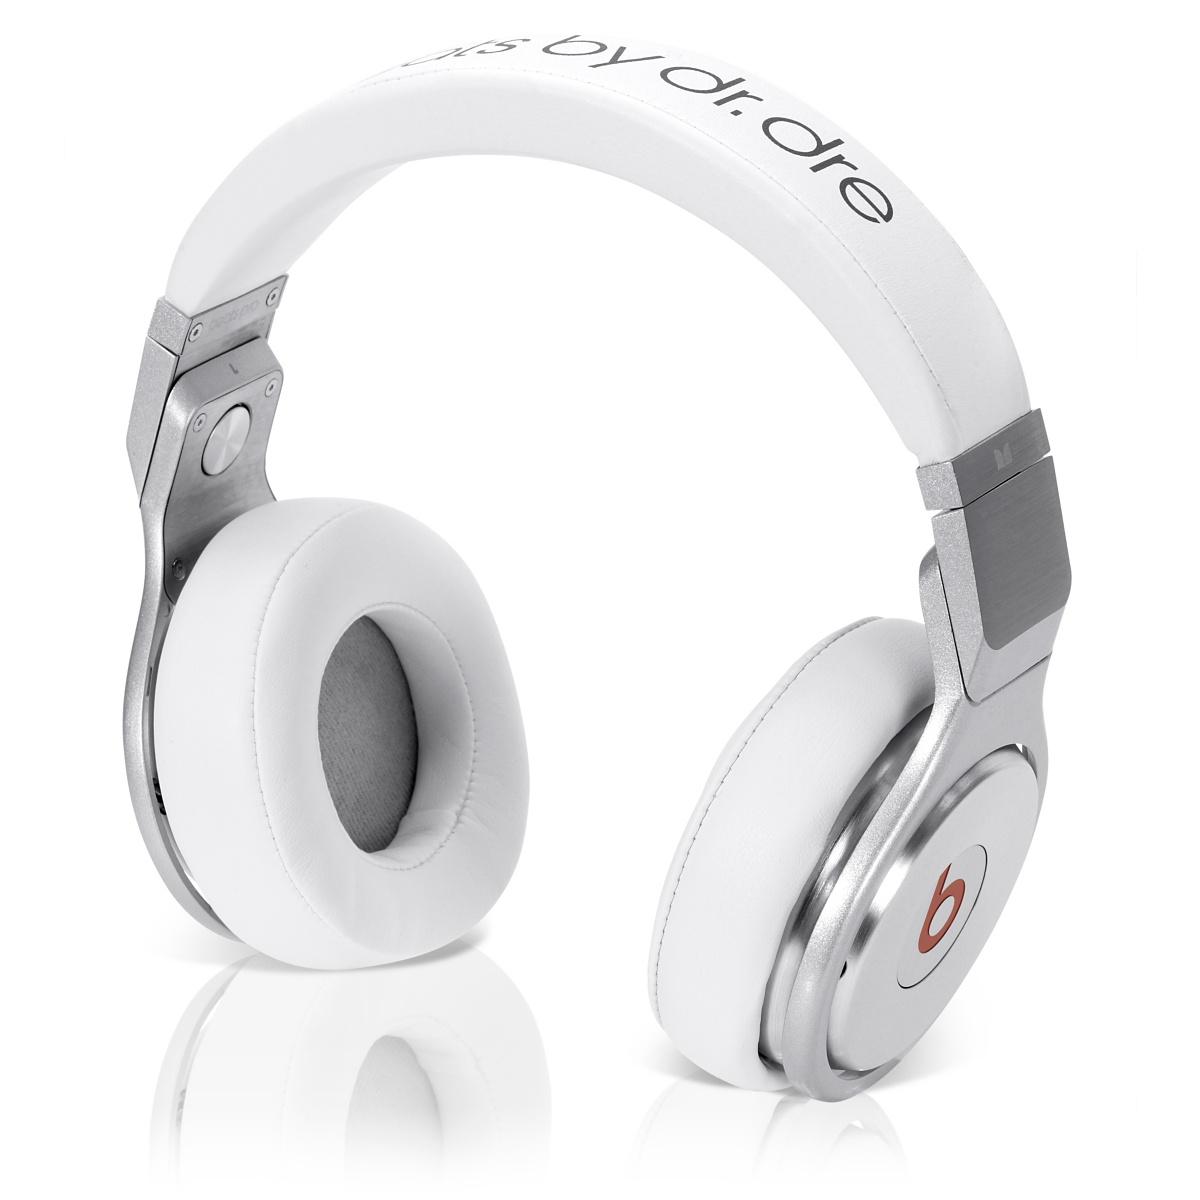 Beats By Dr.Dre Pro Headphones - White, Cheap Beats by Dre UK Headphones Sale